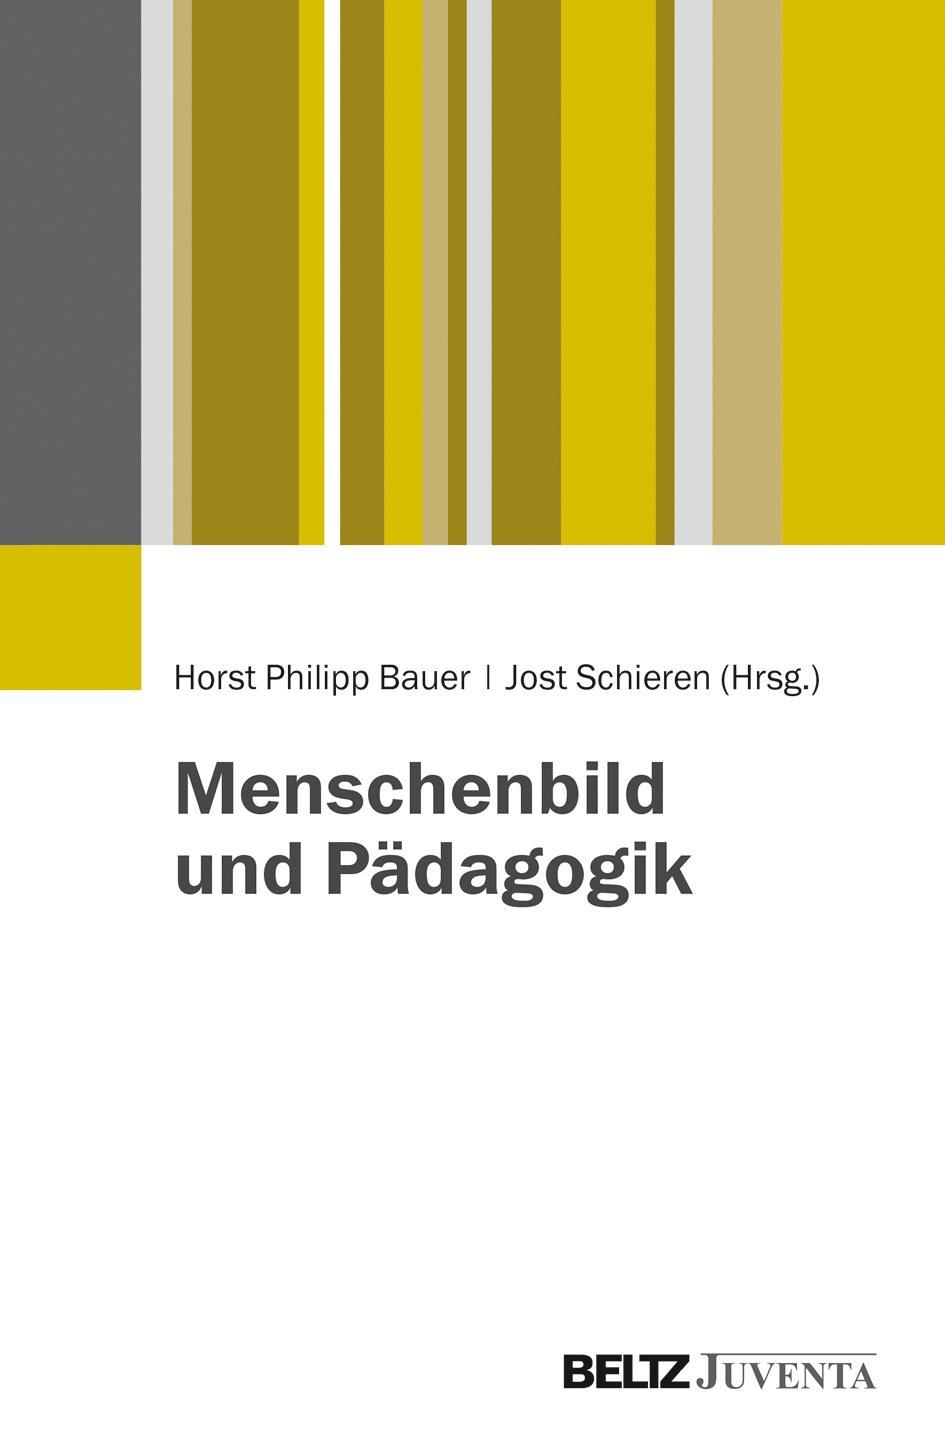 Menschenbild und Pädagogik: Horst Philipp Bauer